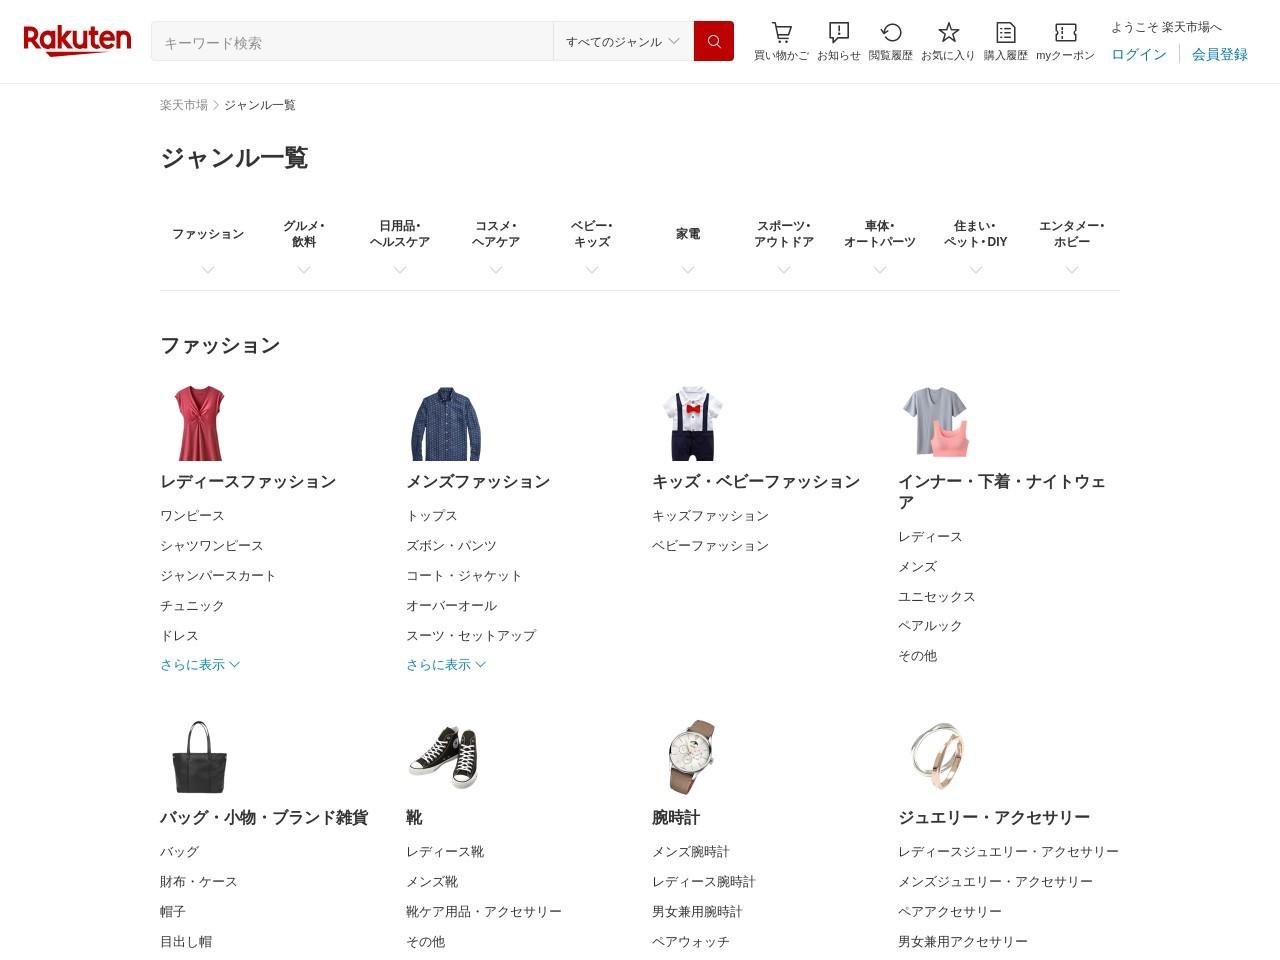 【自動投稿】 【楽天市場】マカフィー 3年版 +の通販